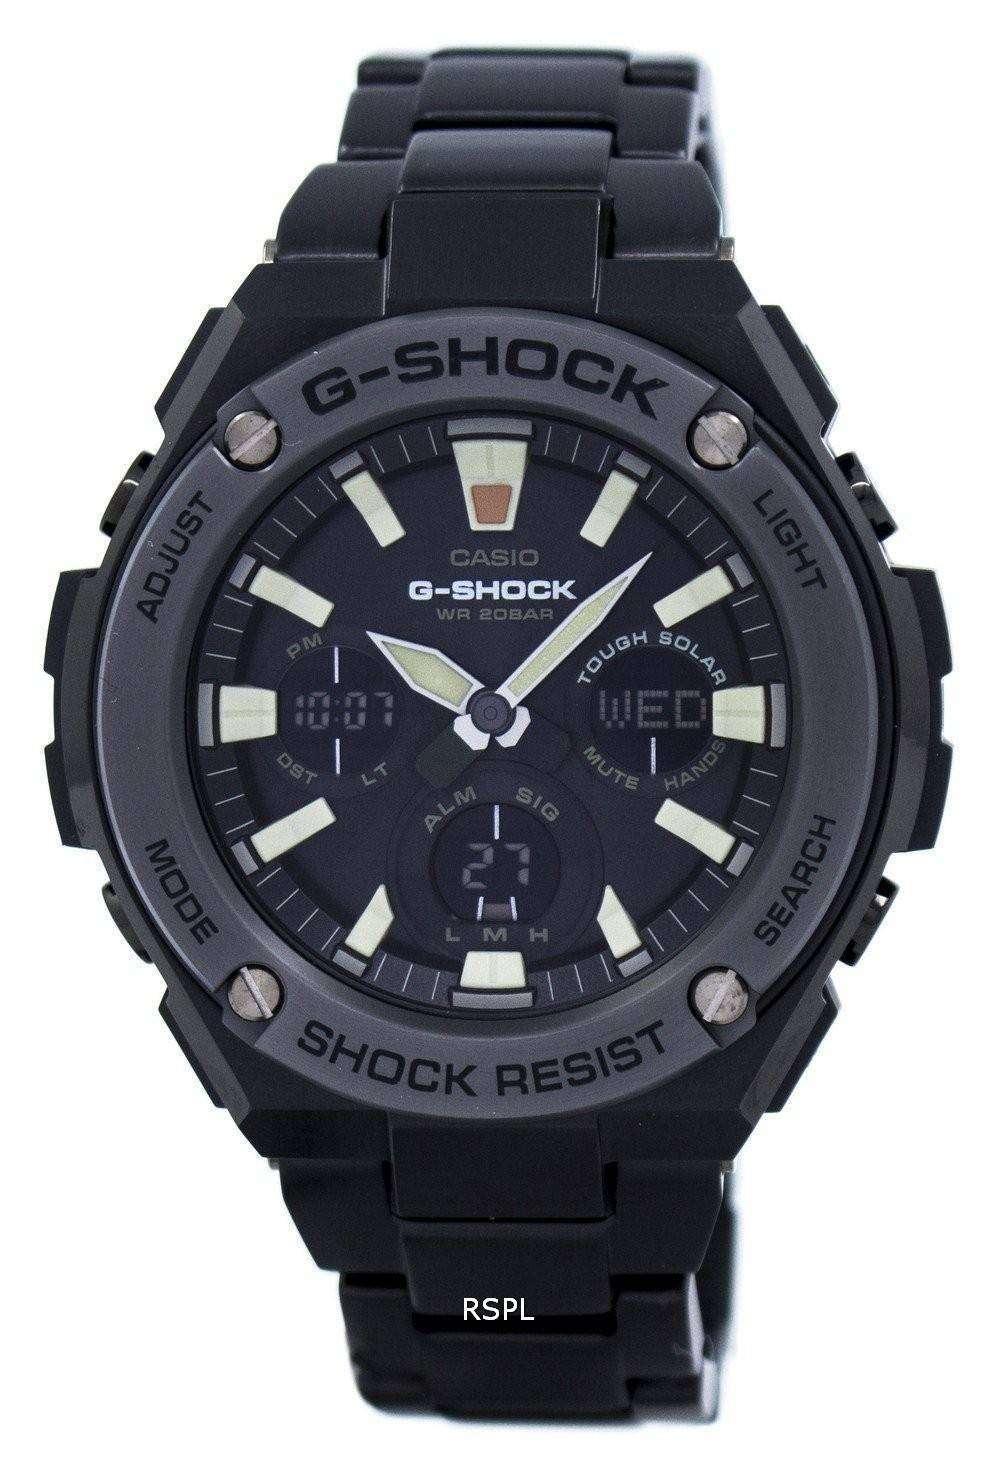 Casio G Shock Tough Solar Shock Resistant Gst S130bd 1a